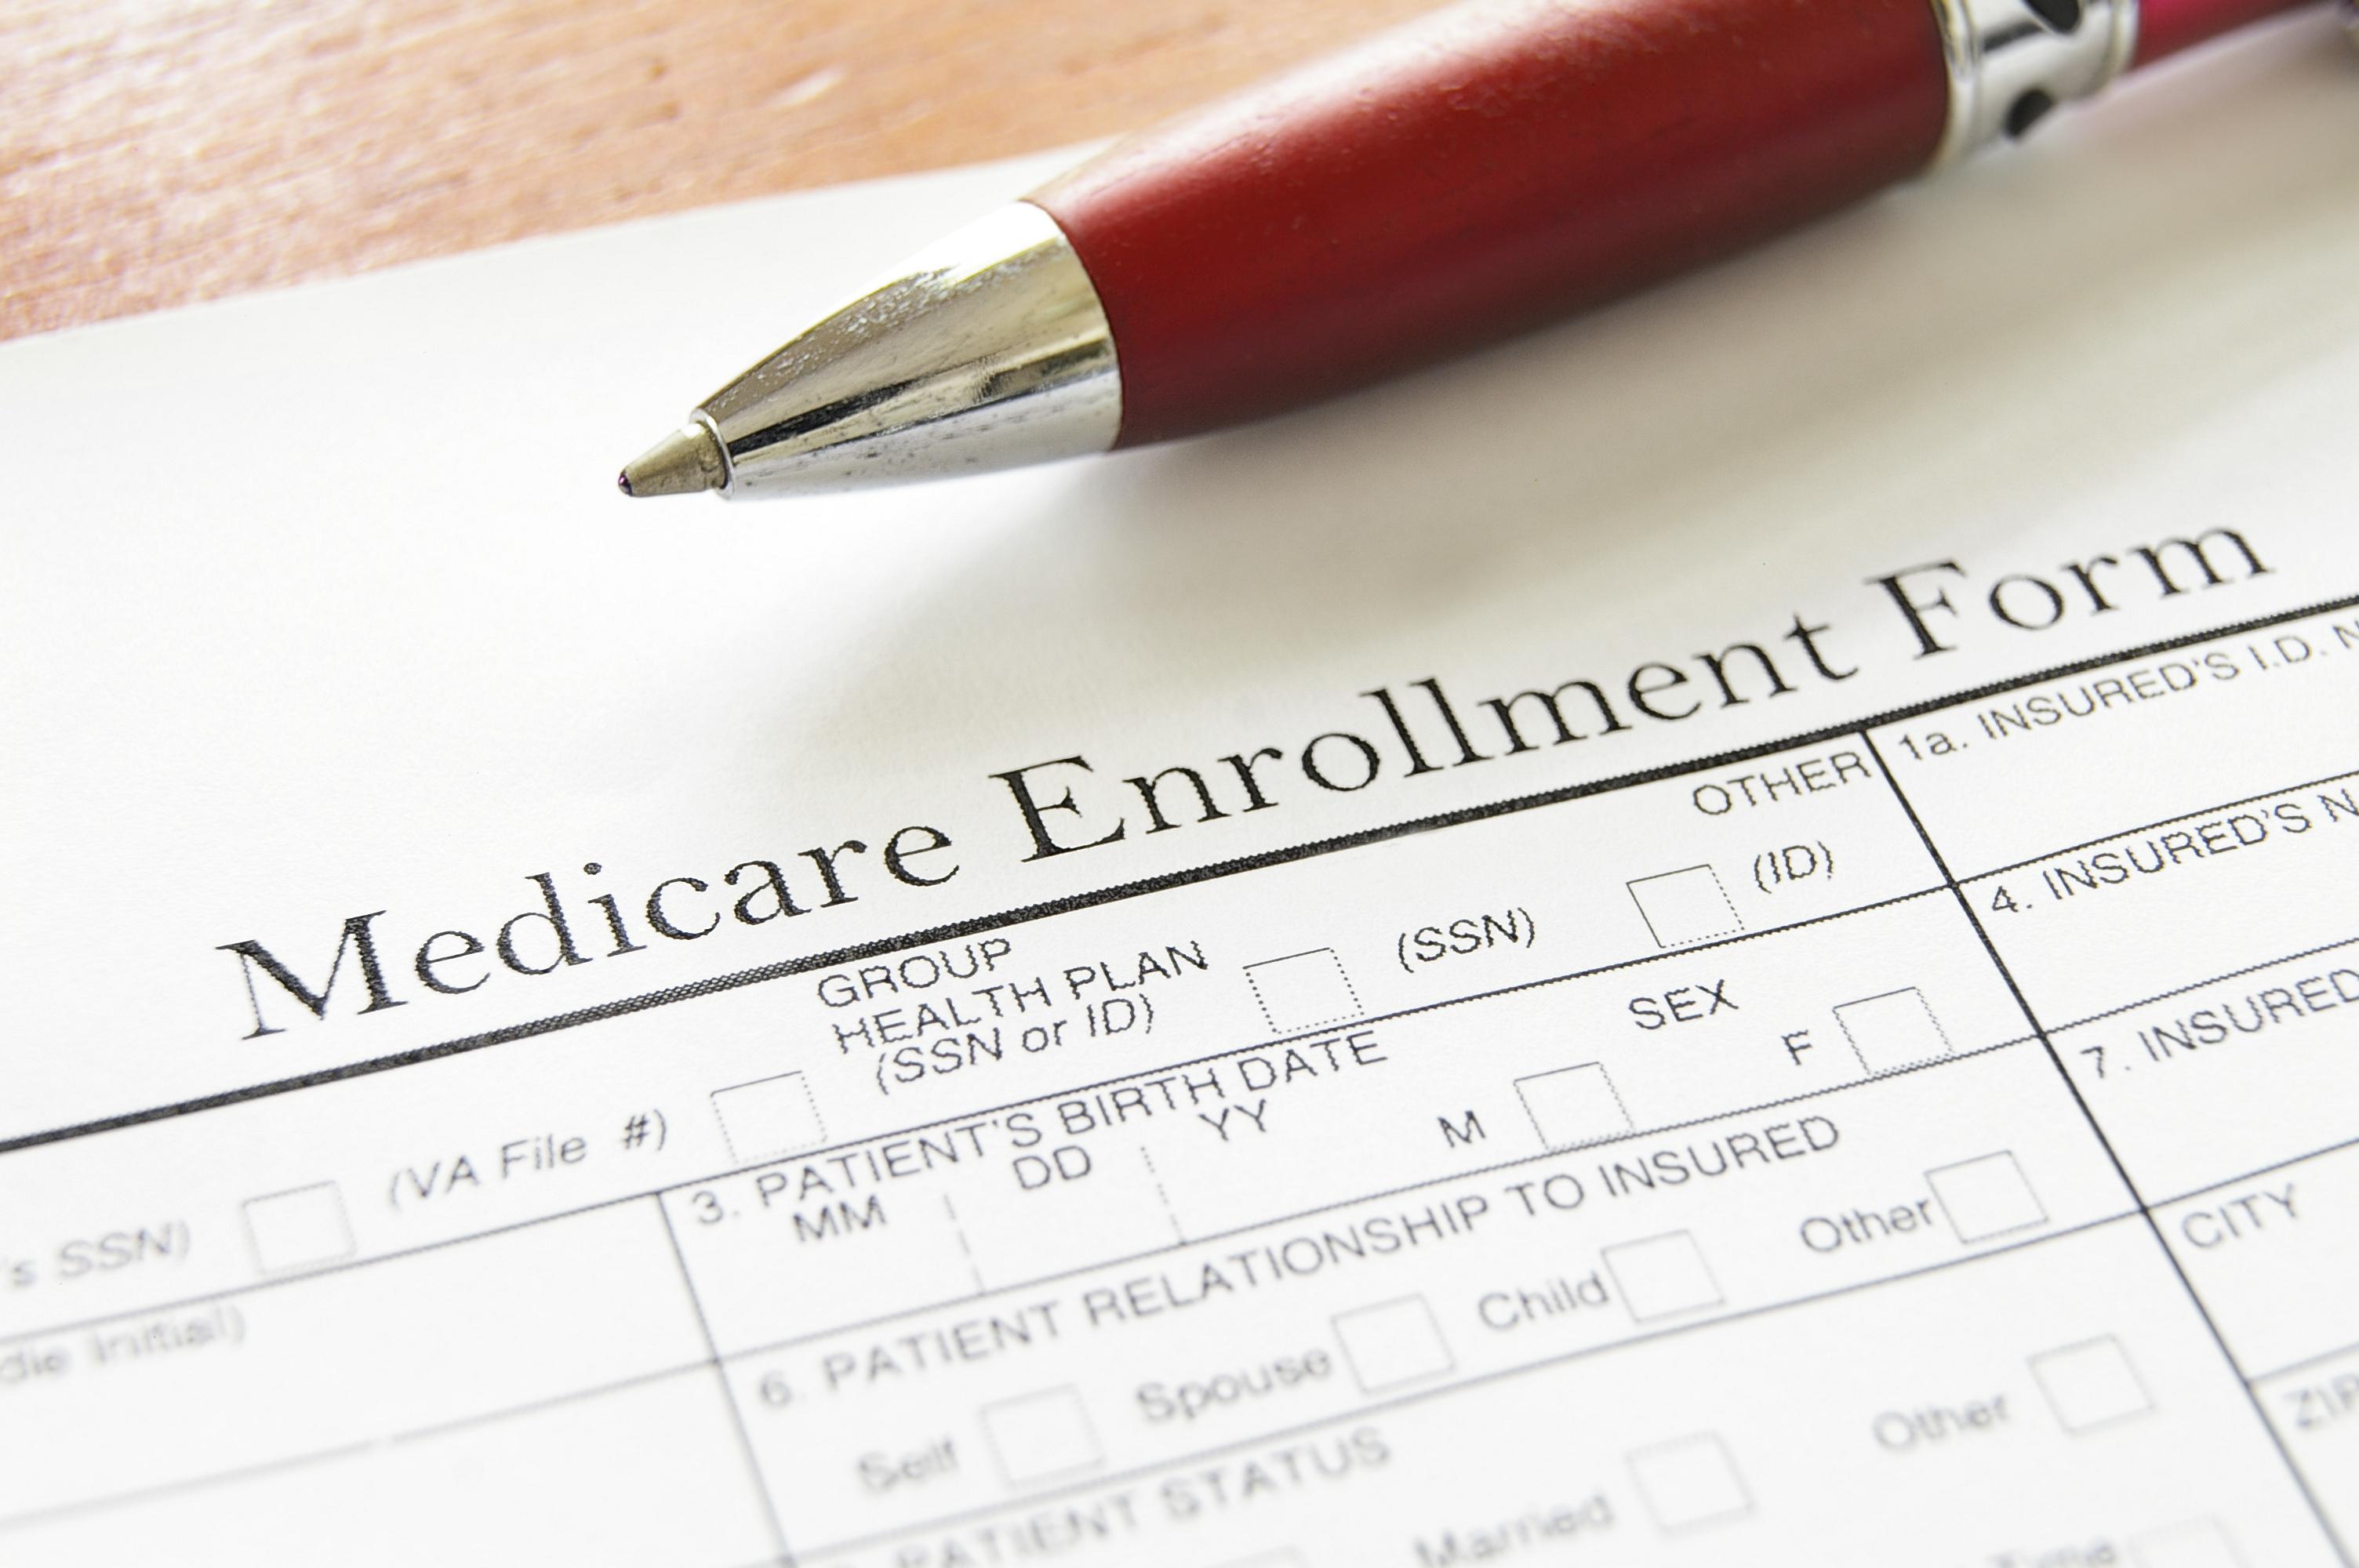 Medicare enrollment form